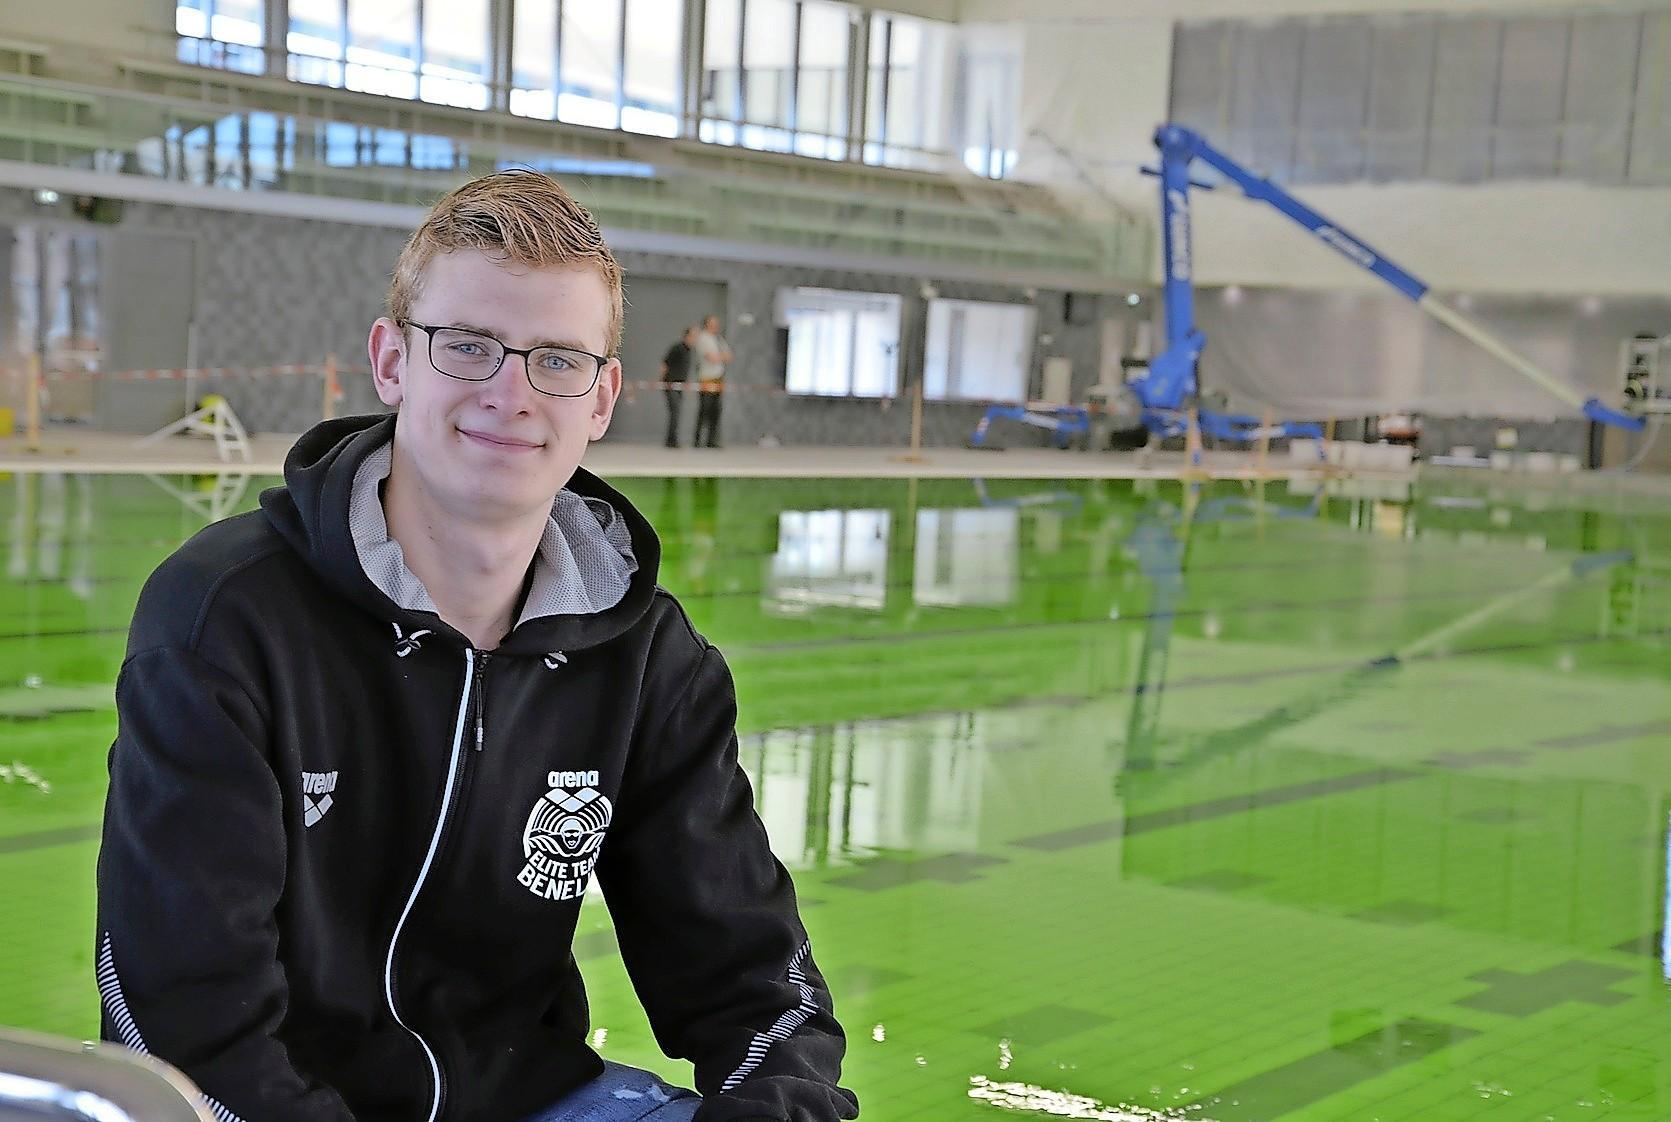 'Godzijdank ben ik niet bij het EK, maar op trainingskamp in Portugal.' Paralympisch zwemmer Bas Takken wil met oog op Tokio geen enkel risico lopen